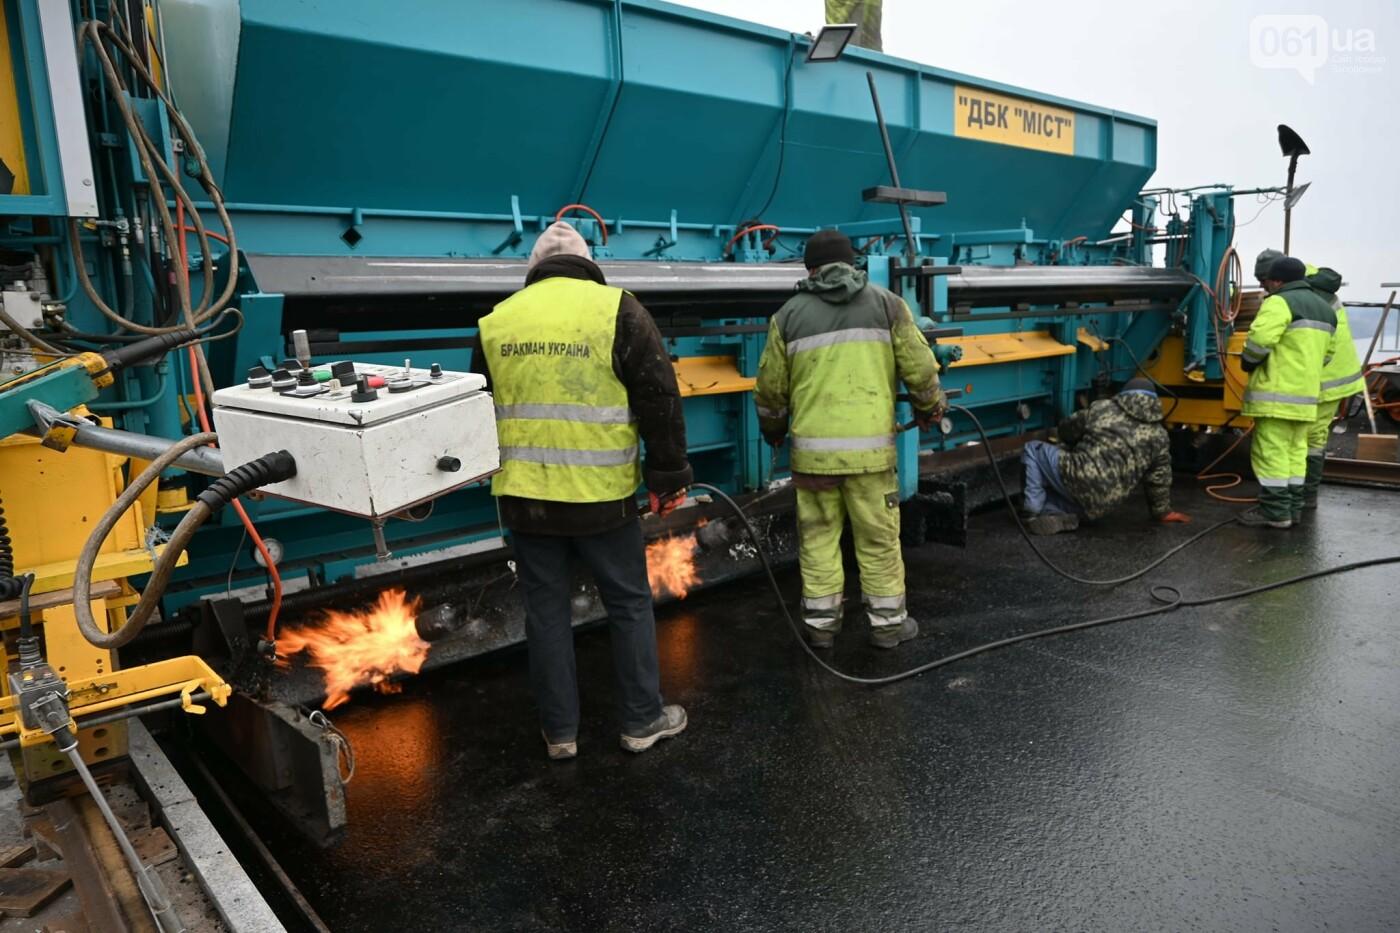 В Службе автодорог показали технологию укладки гусасфальта на строительстве мостов, - ФОТО, ВИДЕО, фото-9